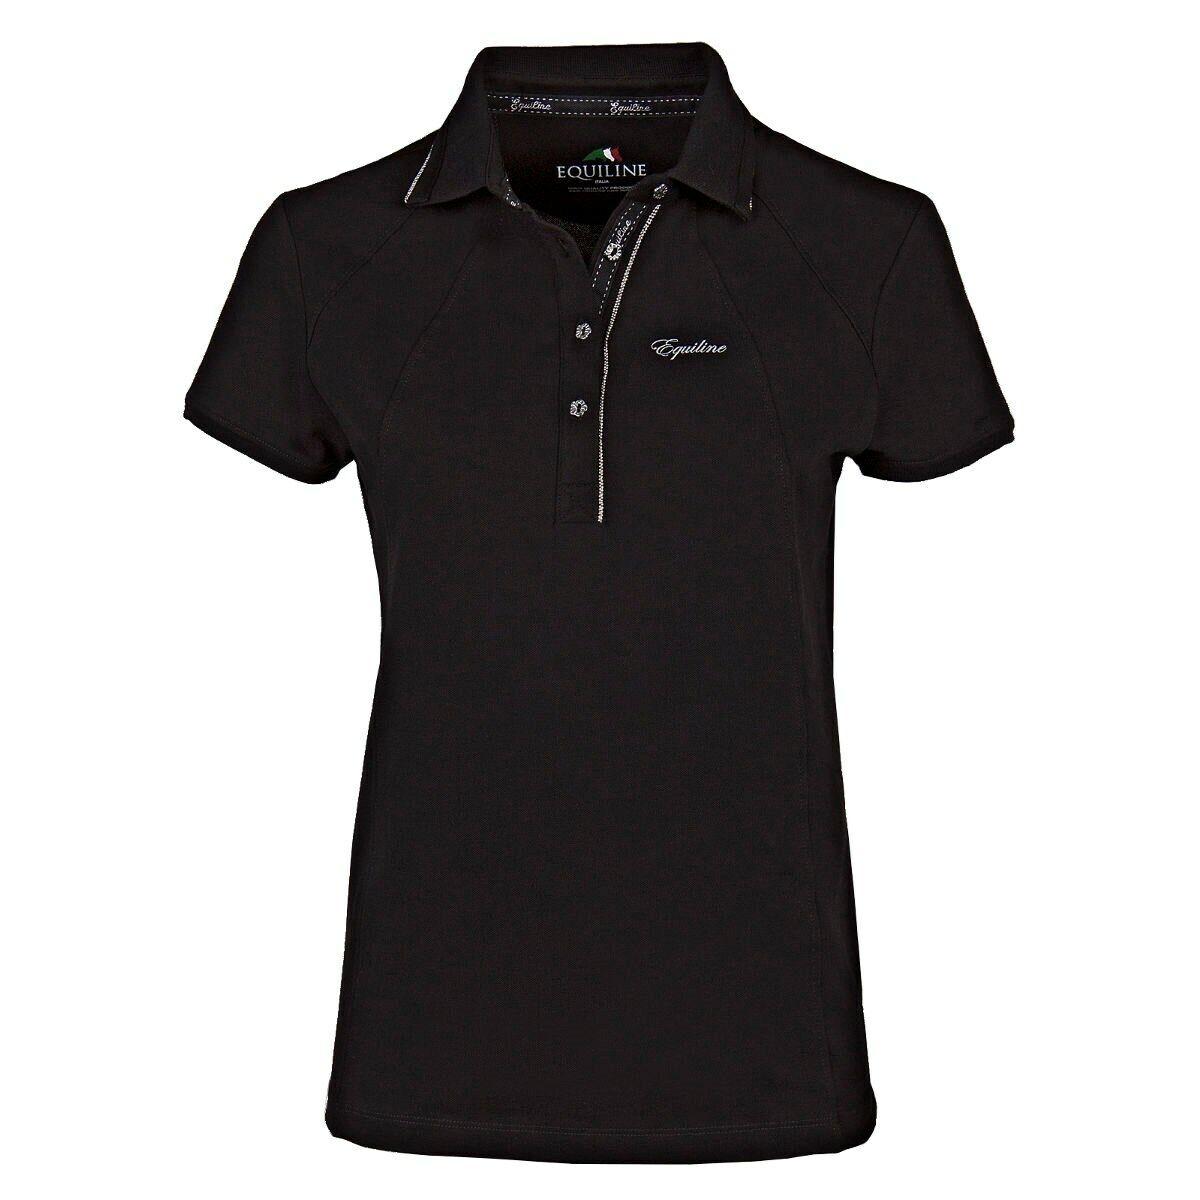 Equiline Premium Laurie Polo Camiseta Top señoras Negro Talla L Manga Corta